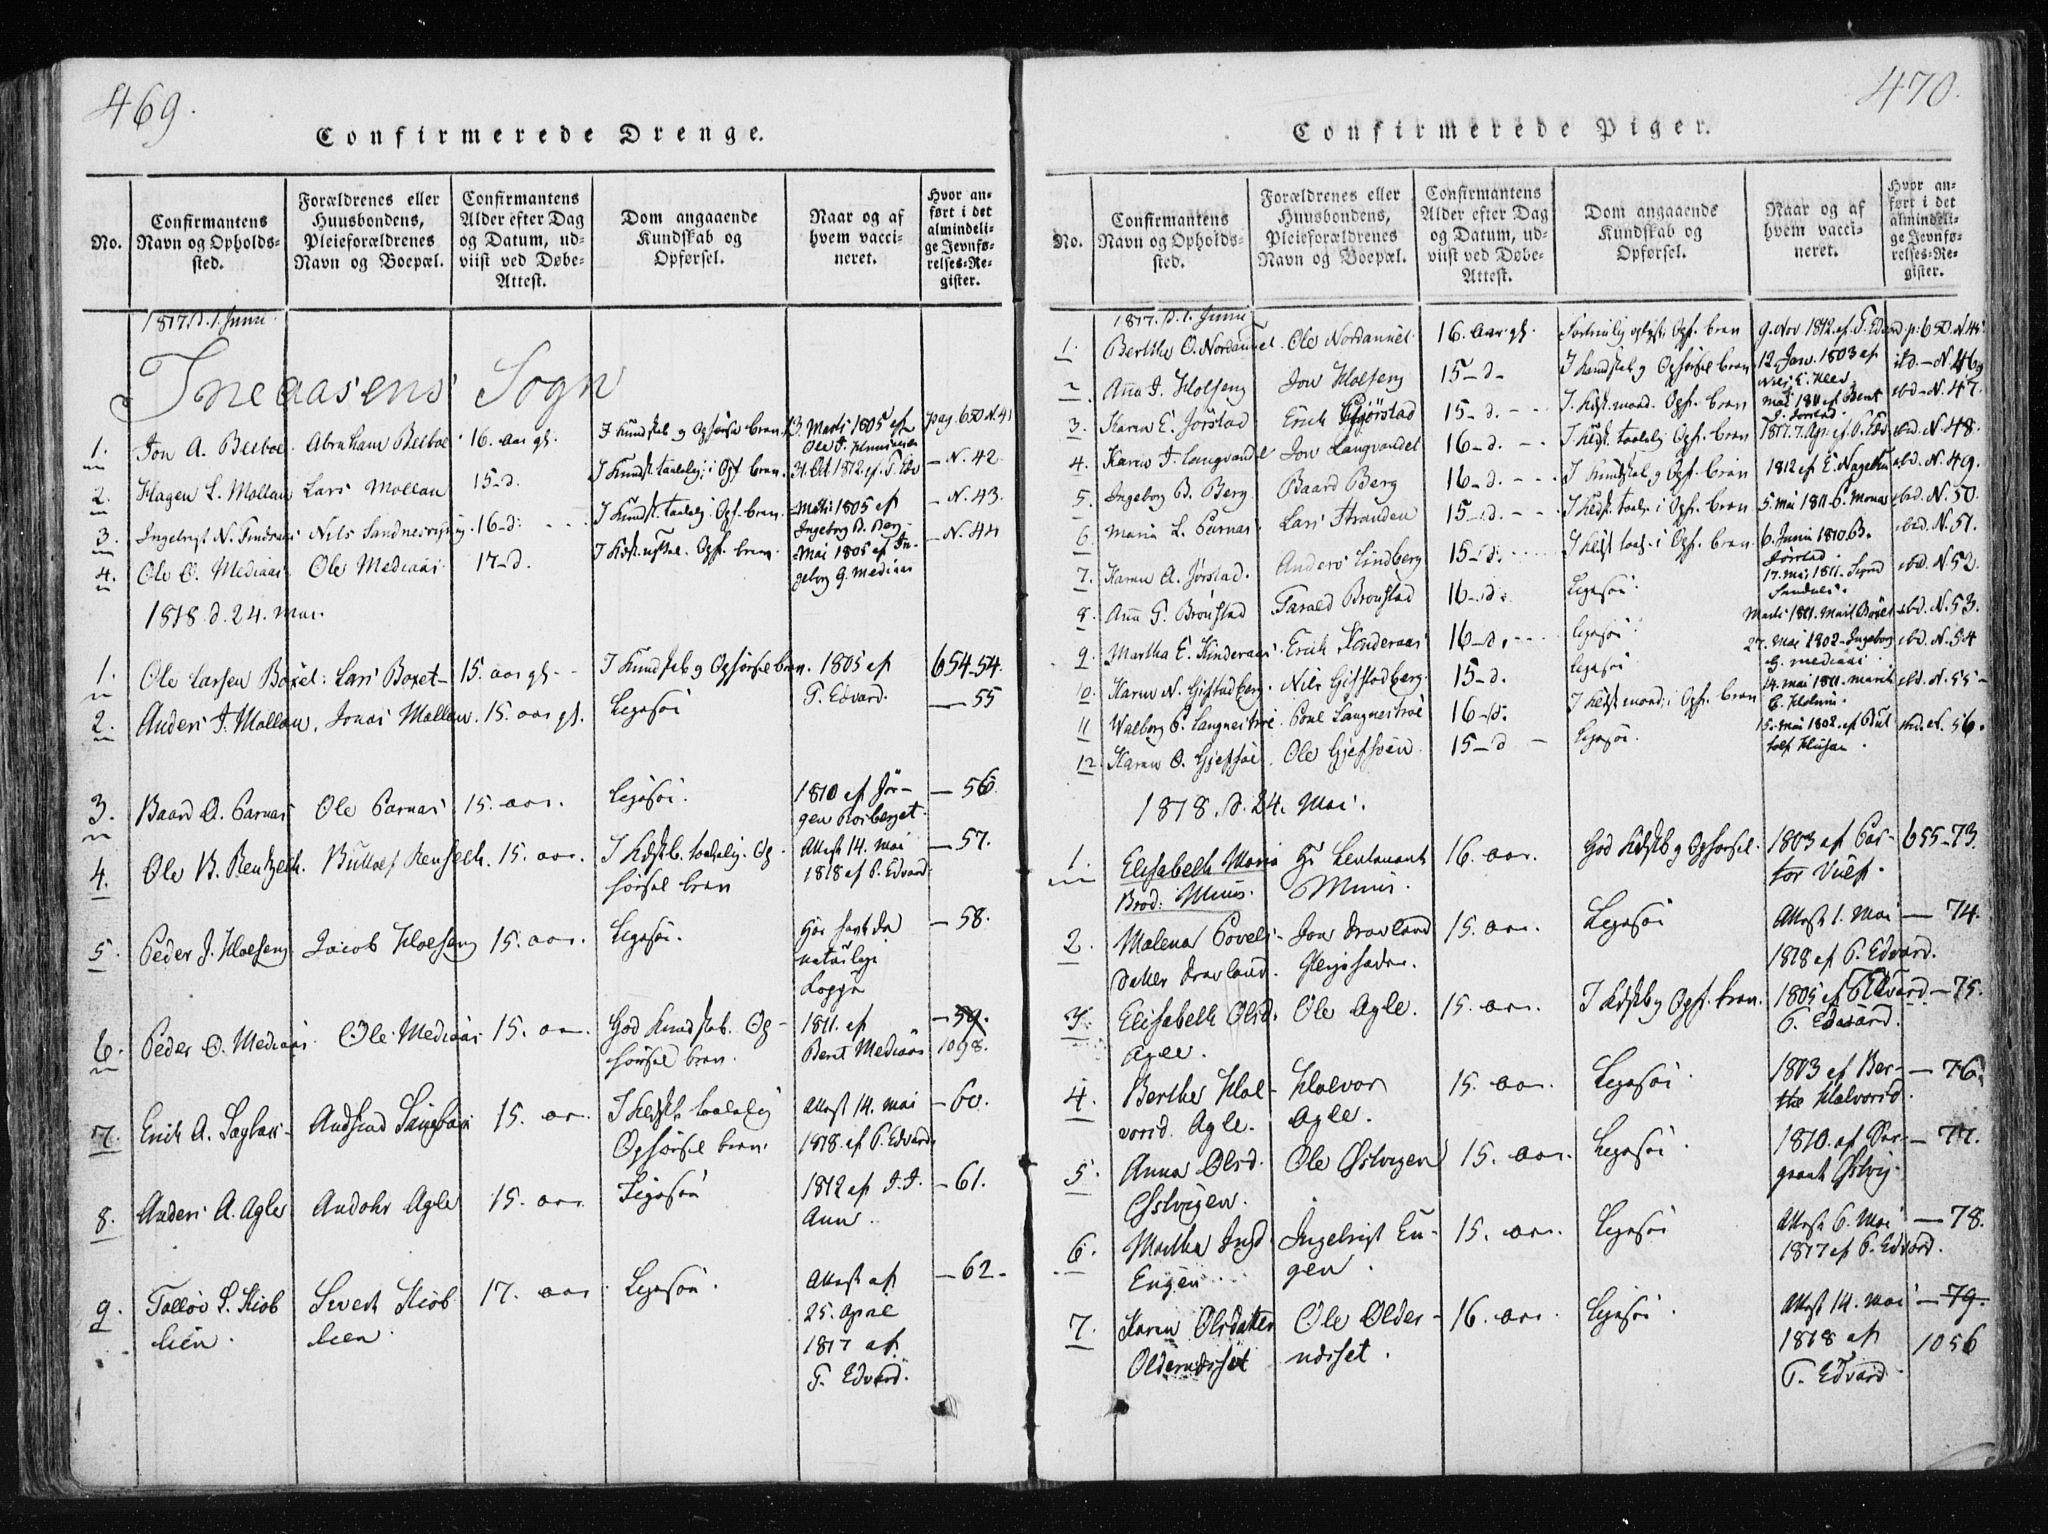 SAT, Ministerialprotokoller, klokkerbøker og fødselsregistre - Nord-Trøndelag, 749/L0469: Ministerialbok nr. 749A03, 1817-1857, s. 469-470